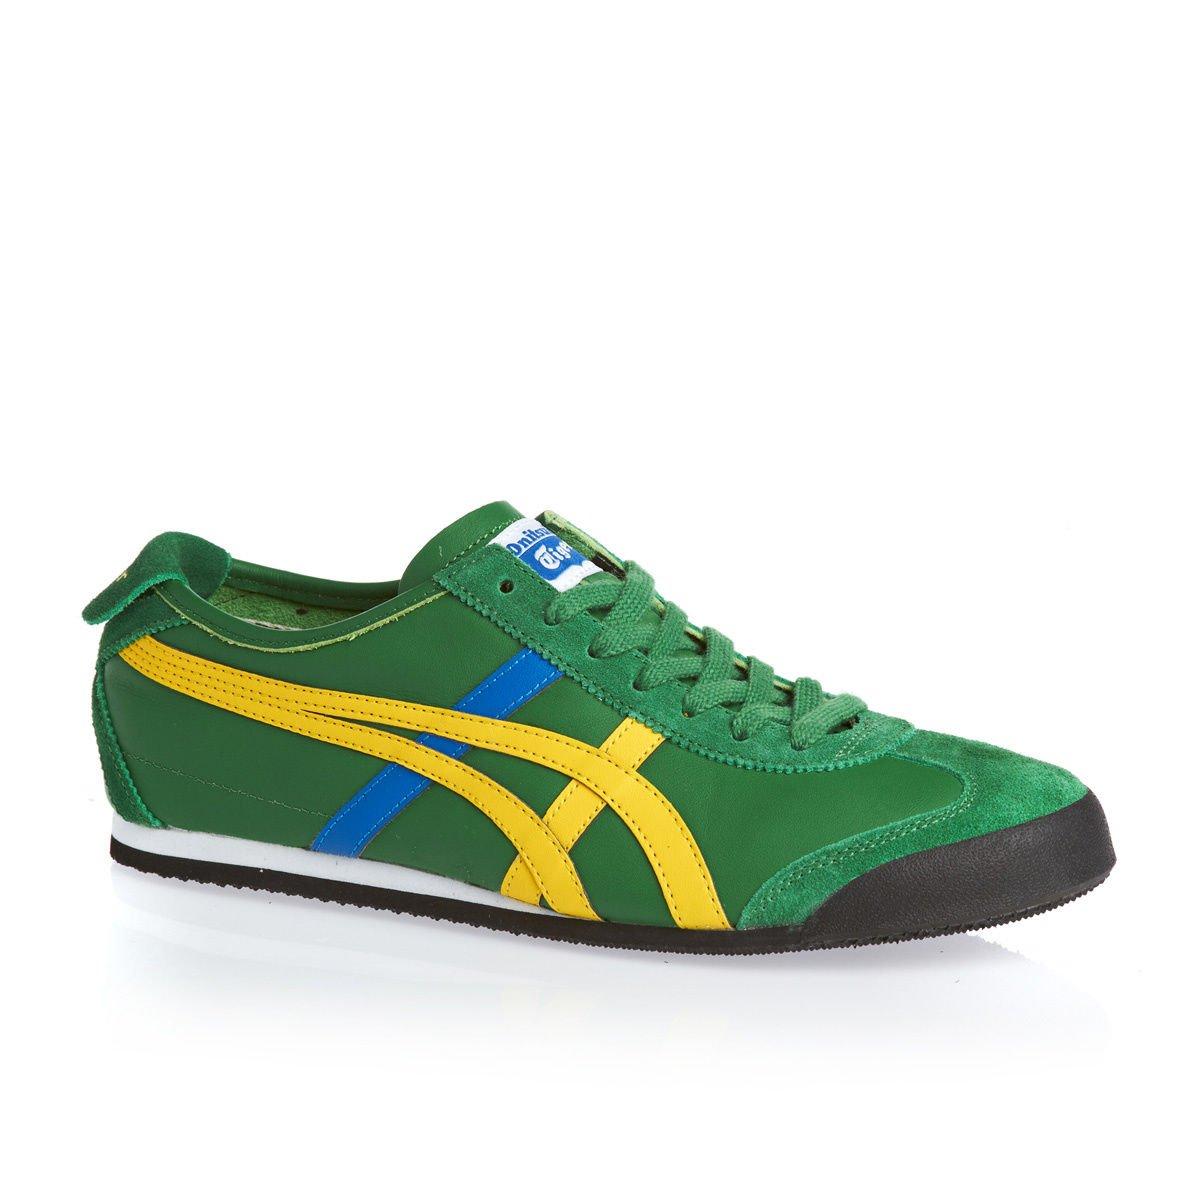 innovative design 5ee28 a1097 Onitsuka Tiger Mexico 66 Sneaker Amazon Green / Ye: Amazon ...